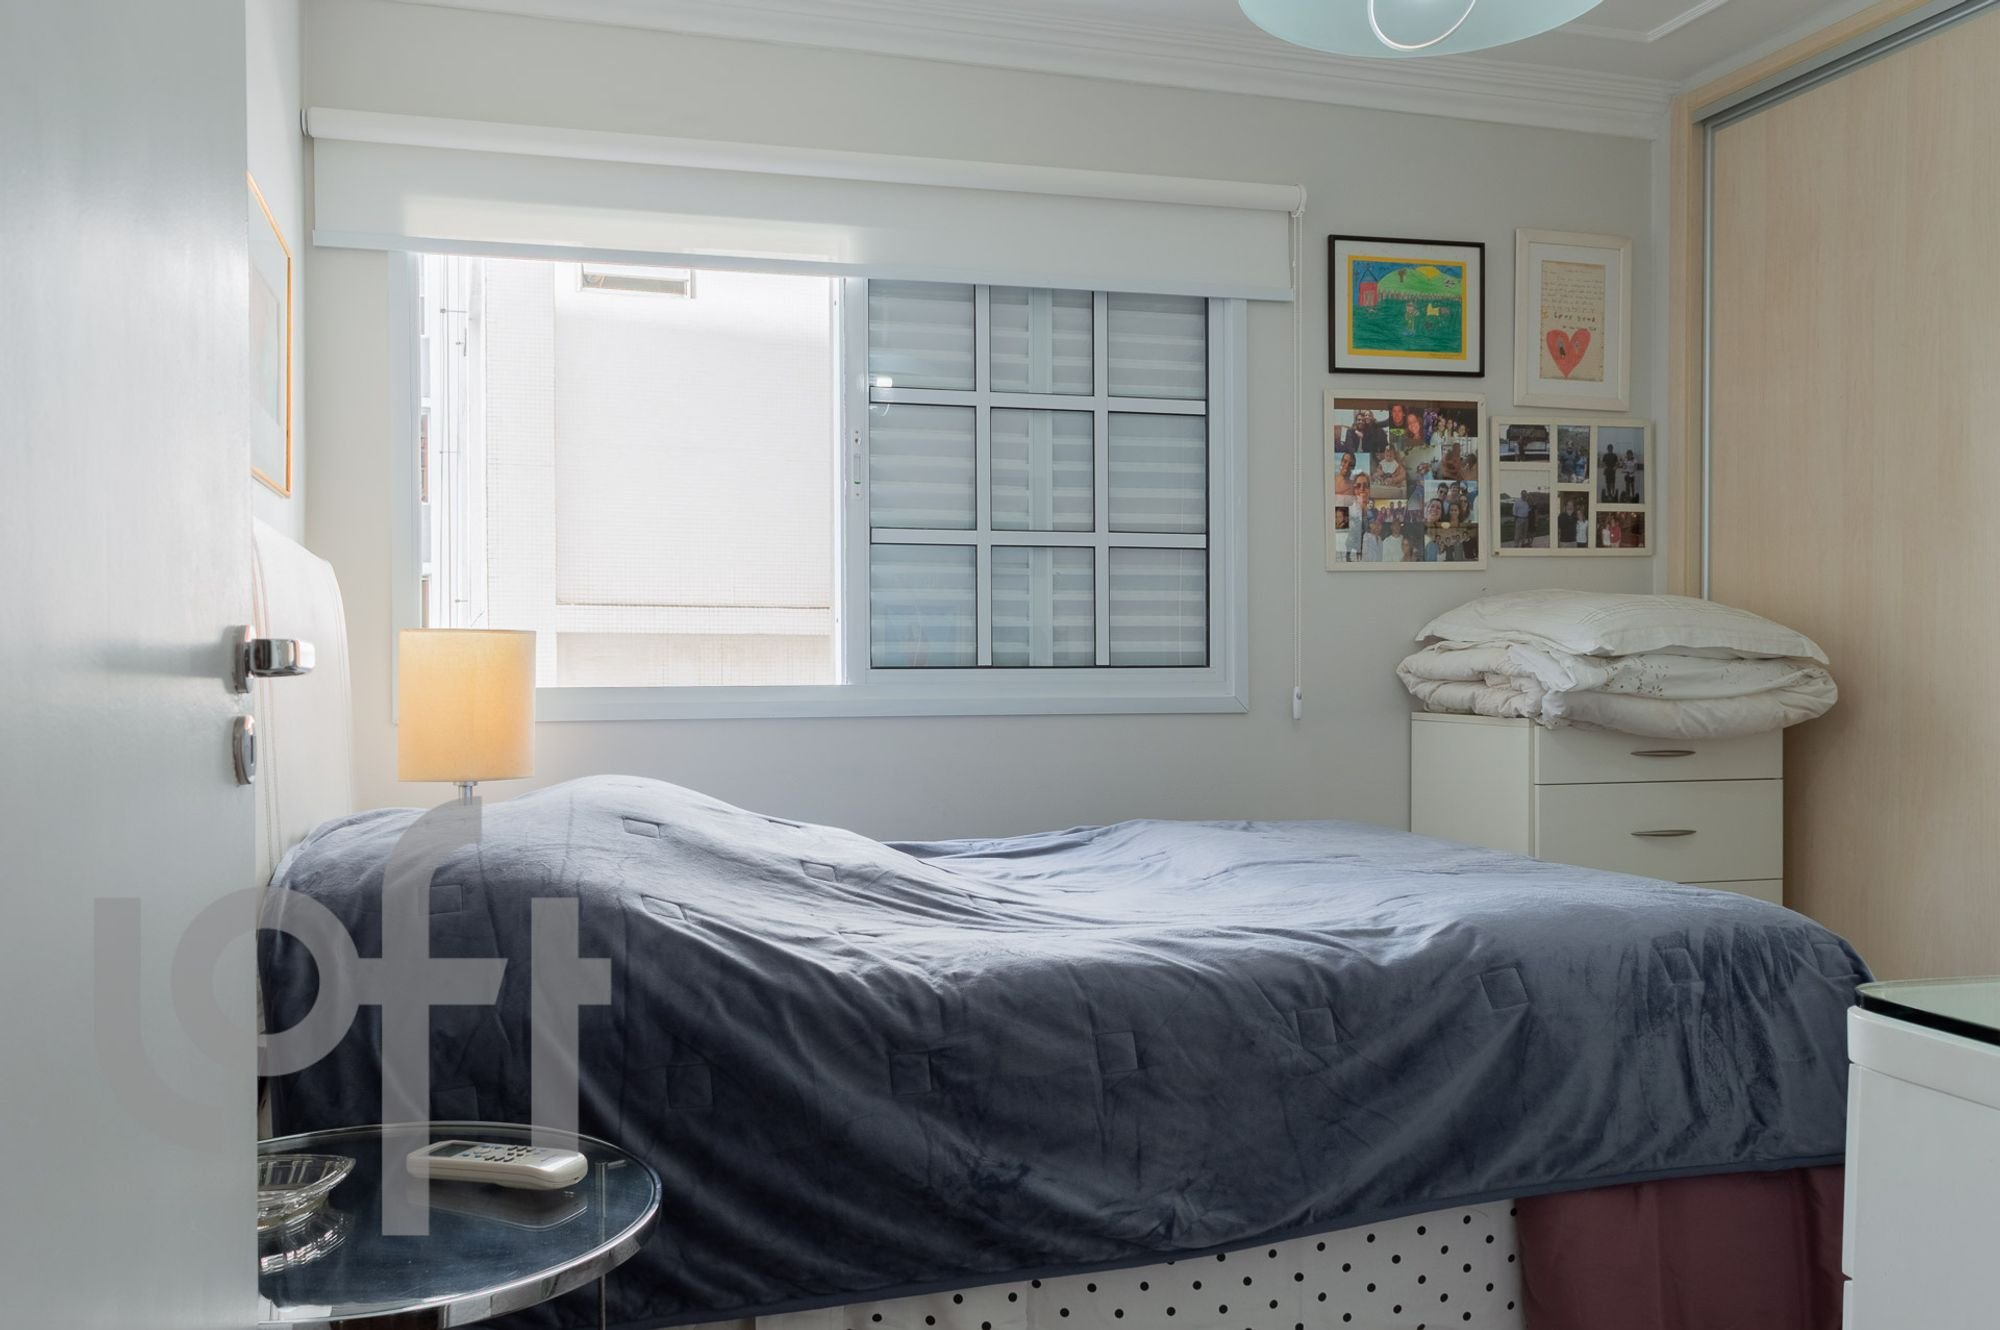 Foto de Quarto com cama, controle remoto